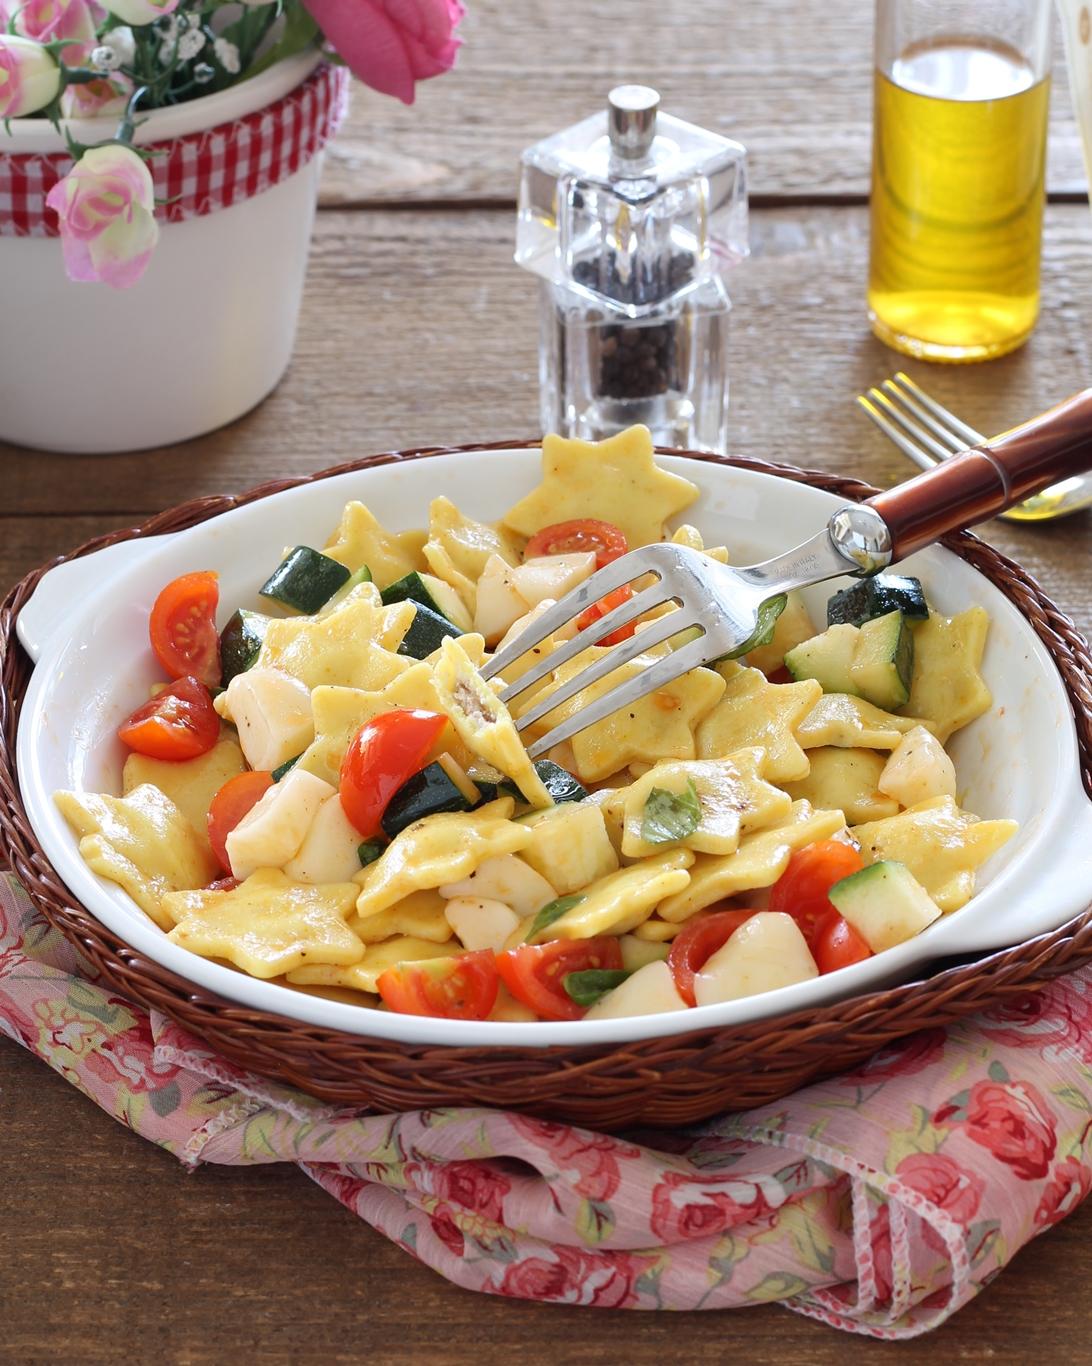 Insalata di ravioli senza glutine - La Cassata Celiaca